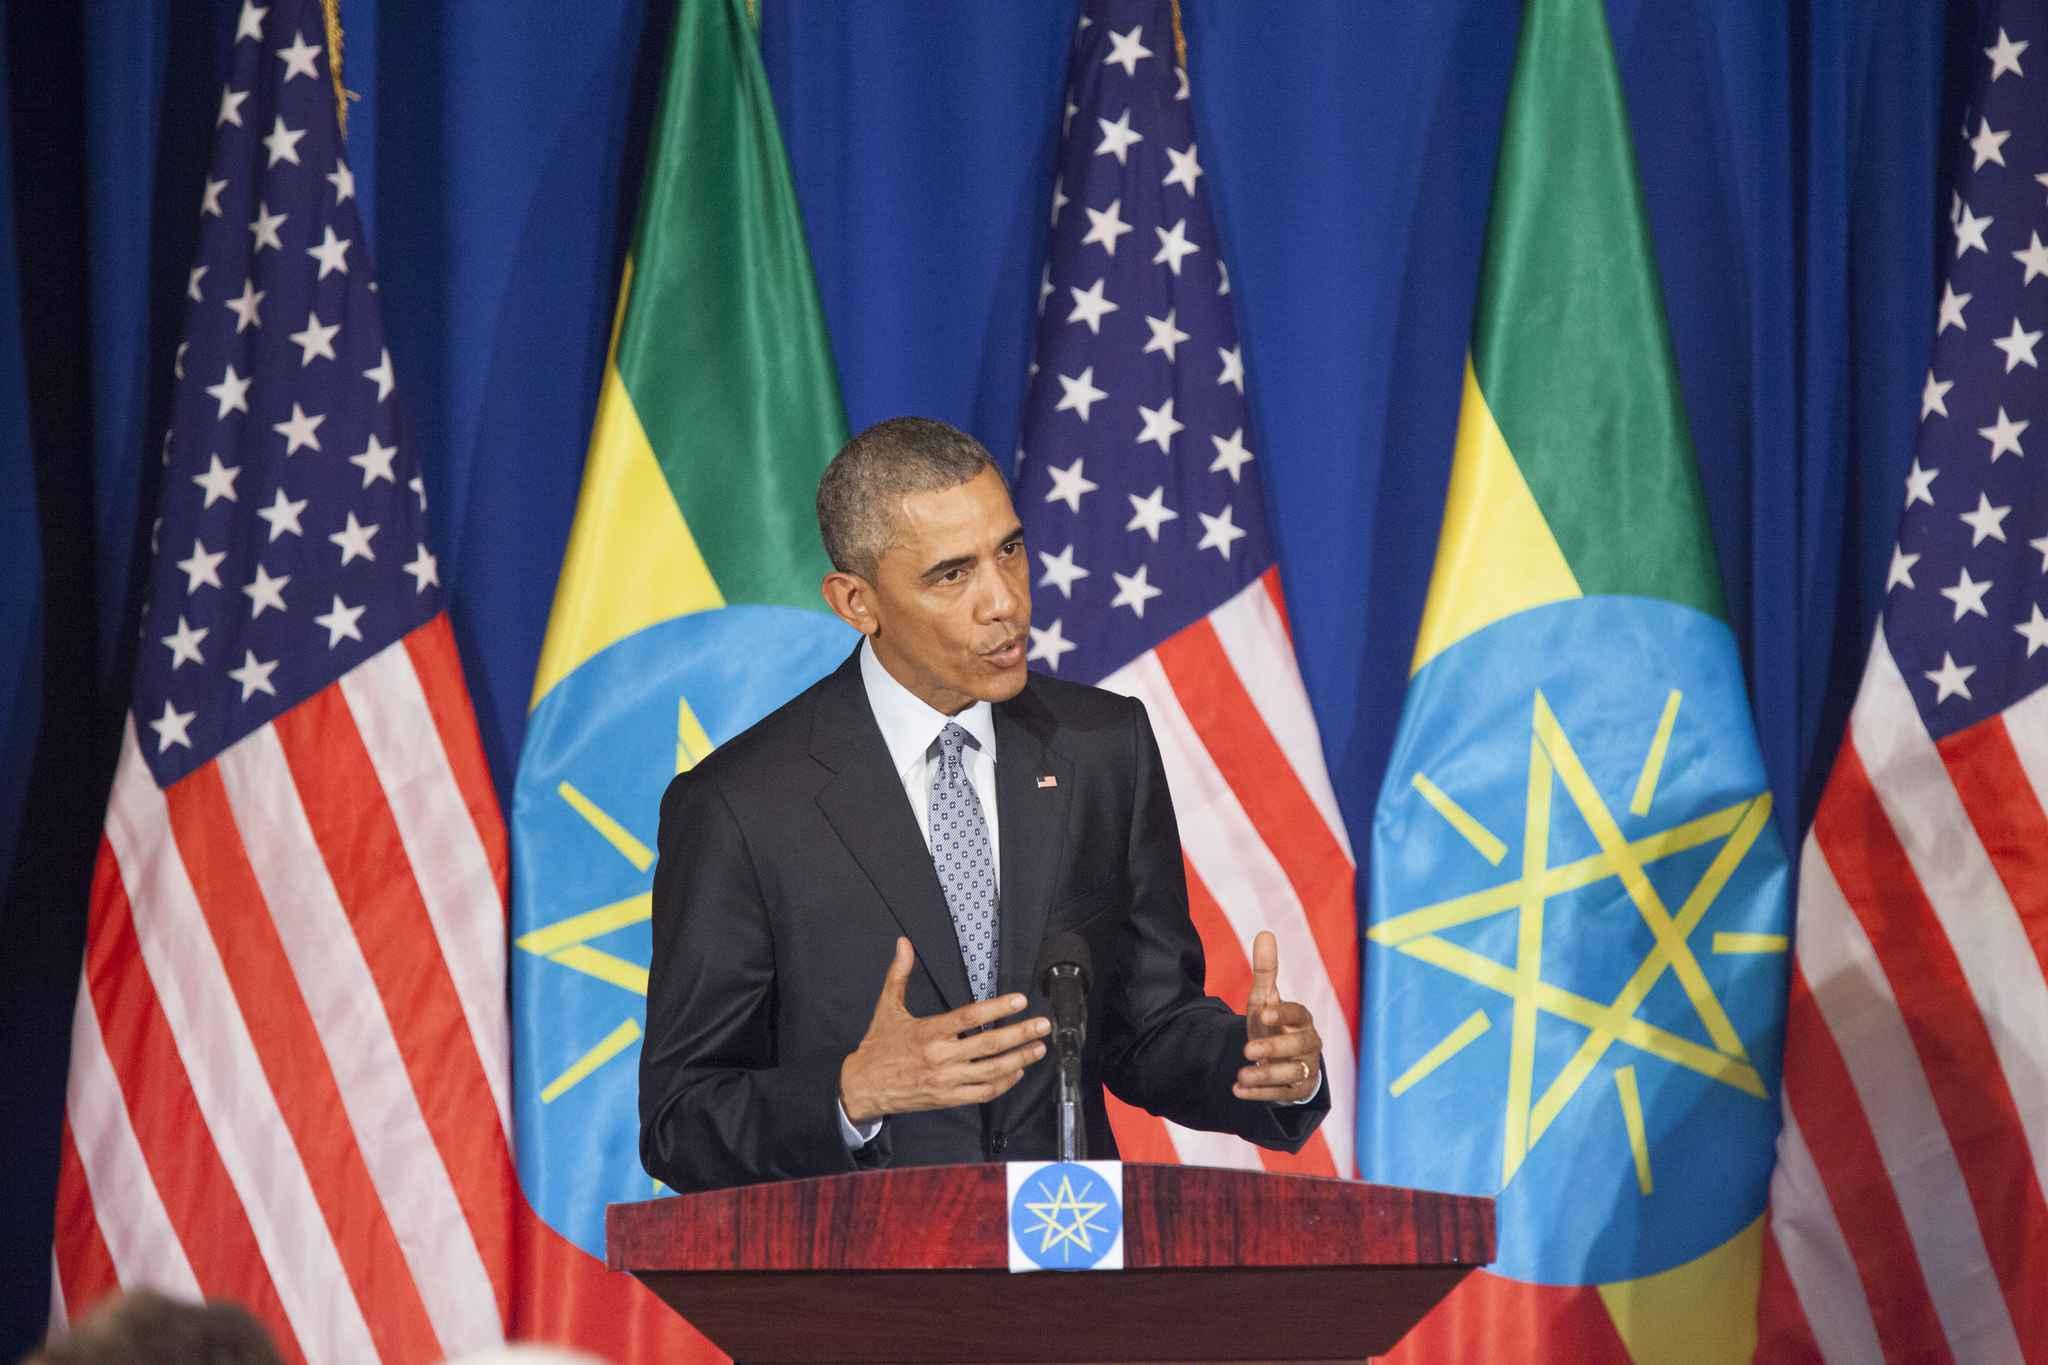 Obama tartine les « dictateurs » africains qui s'accrochent au pouvoir